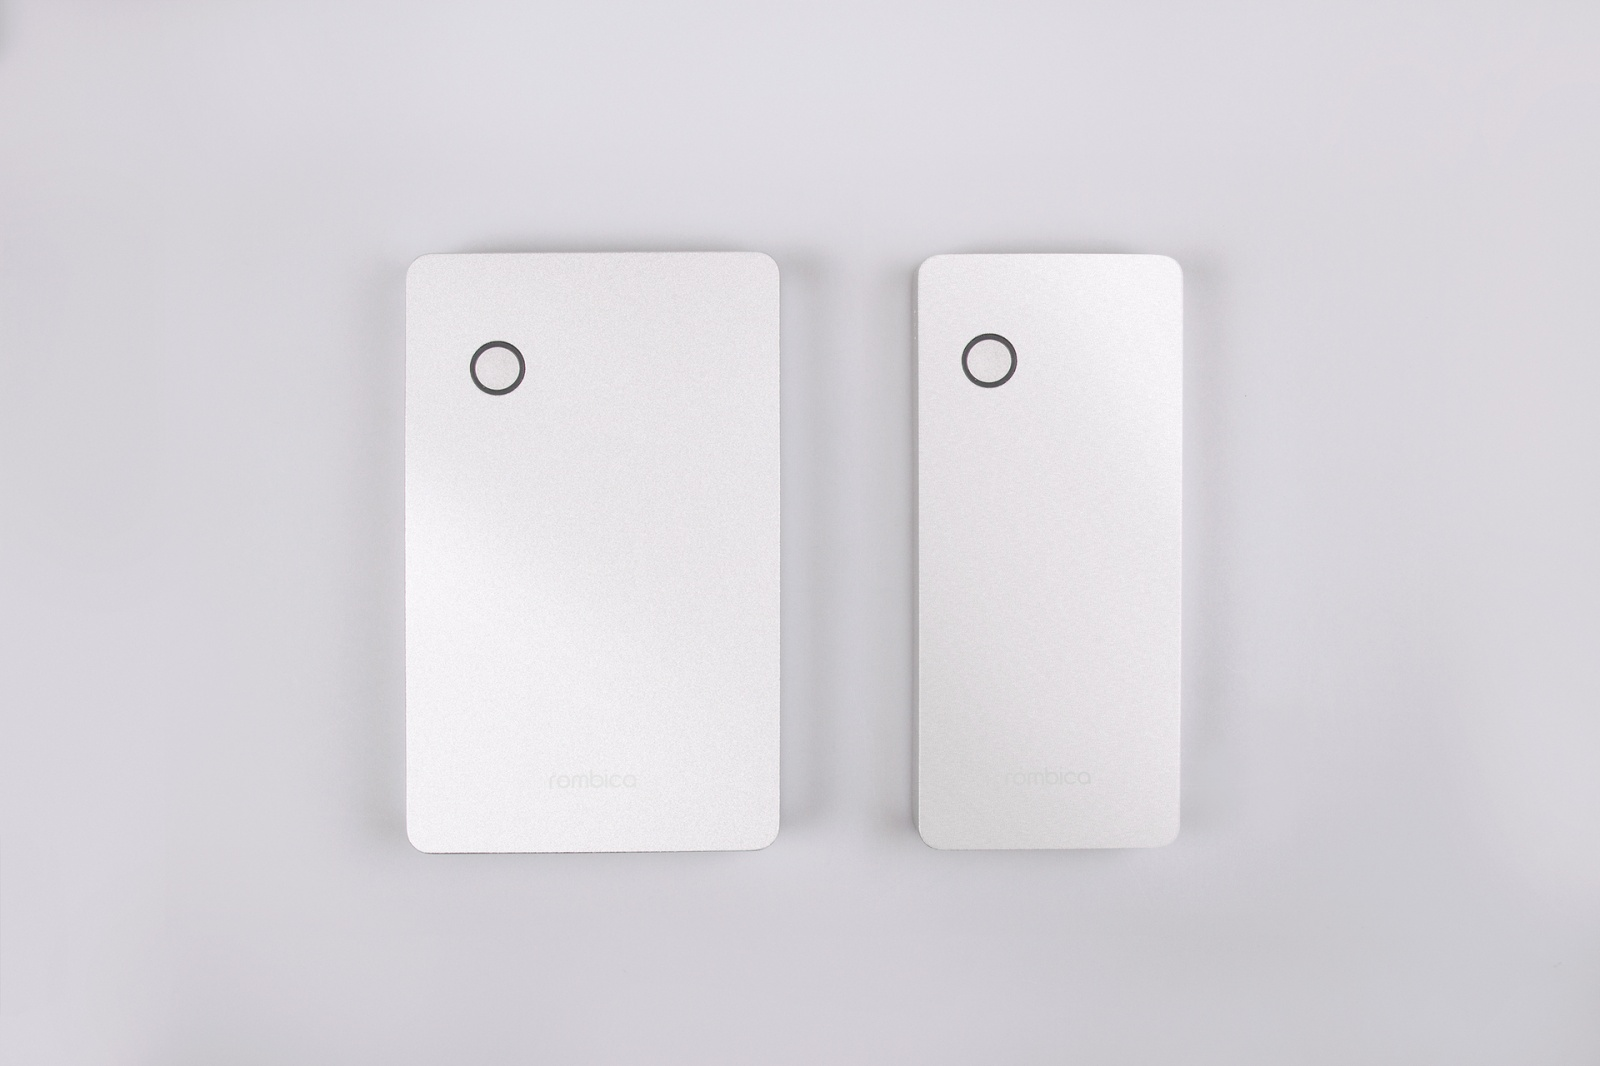 Зарядные устройства Rombica обеспечат энергией все — от нотбуков до коптеров - 1